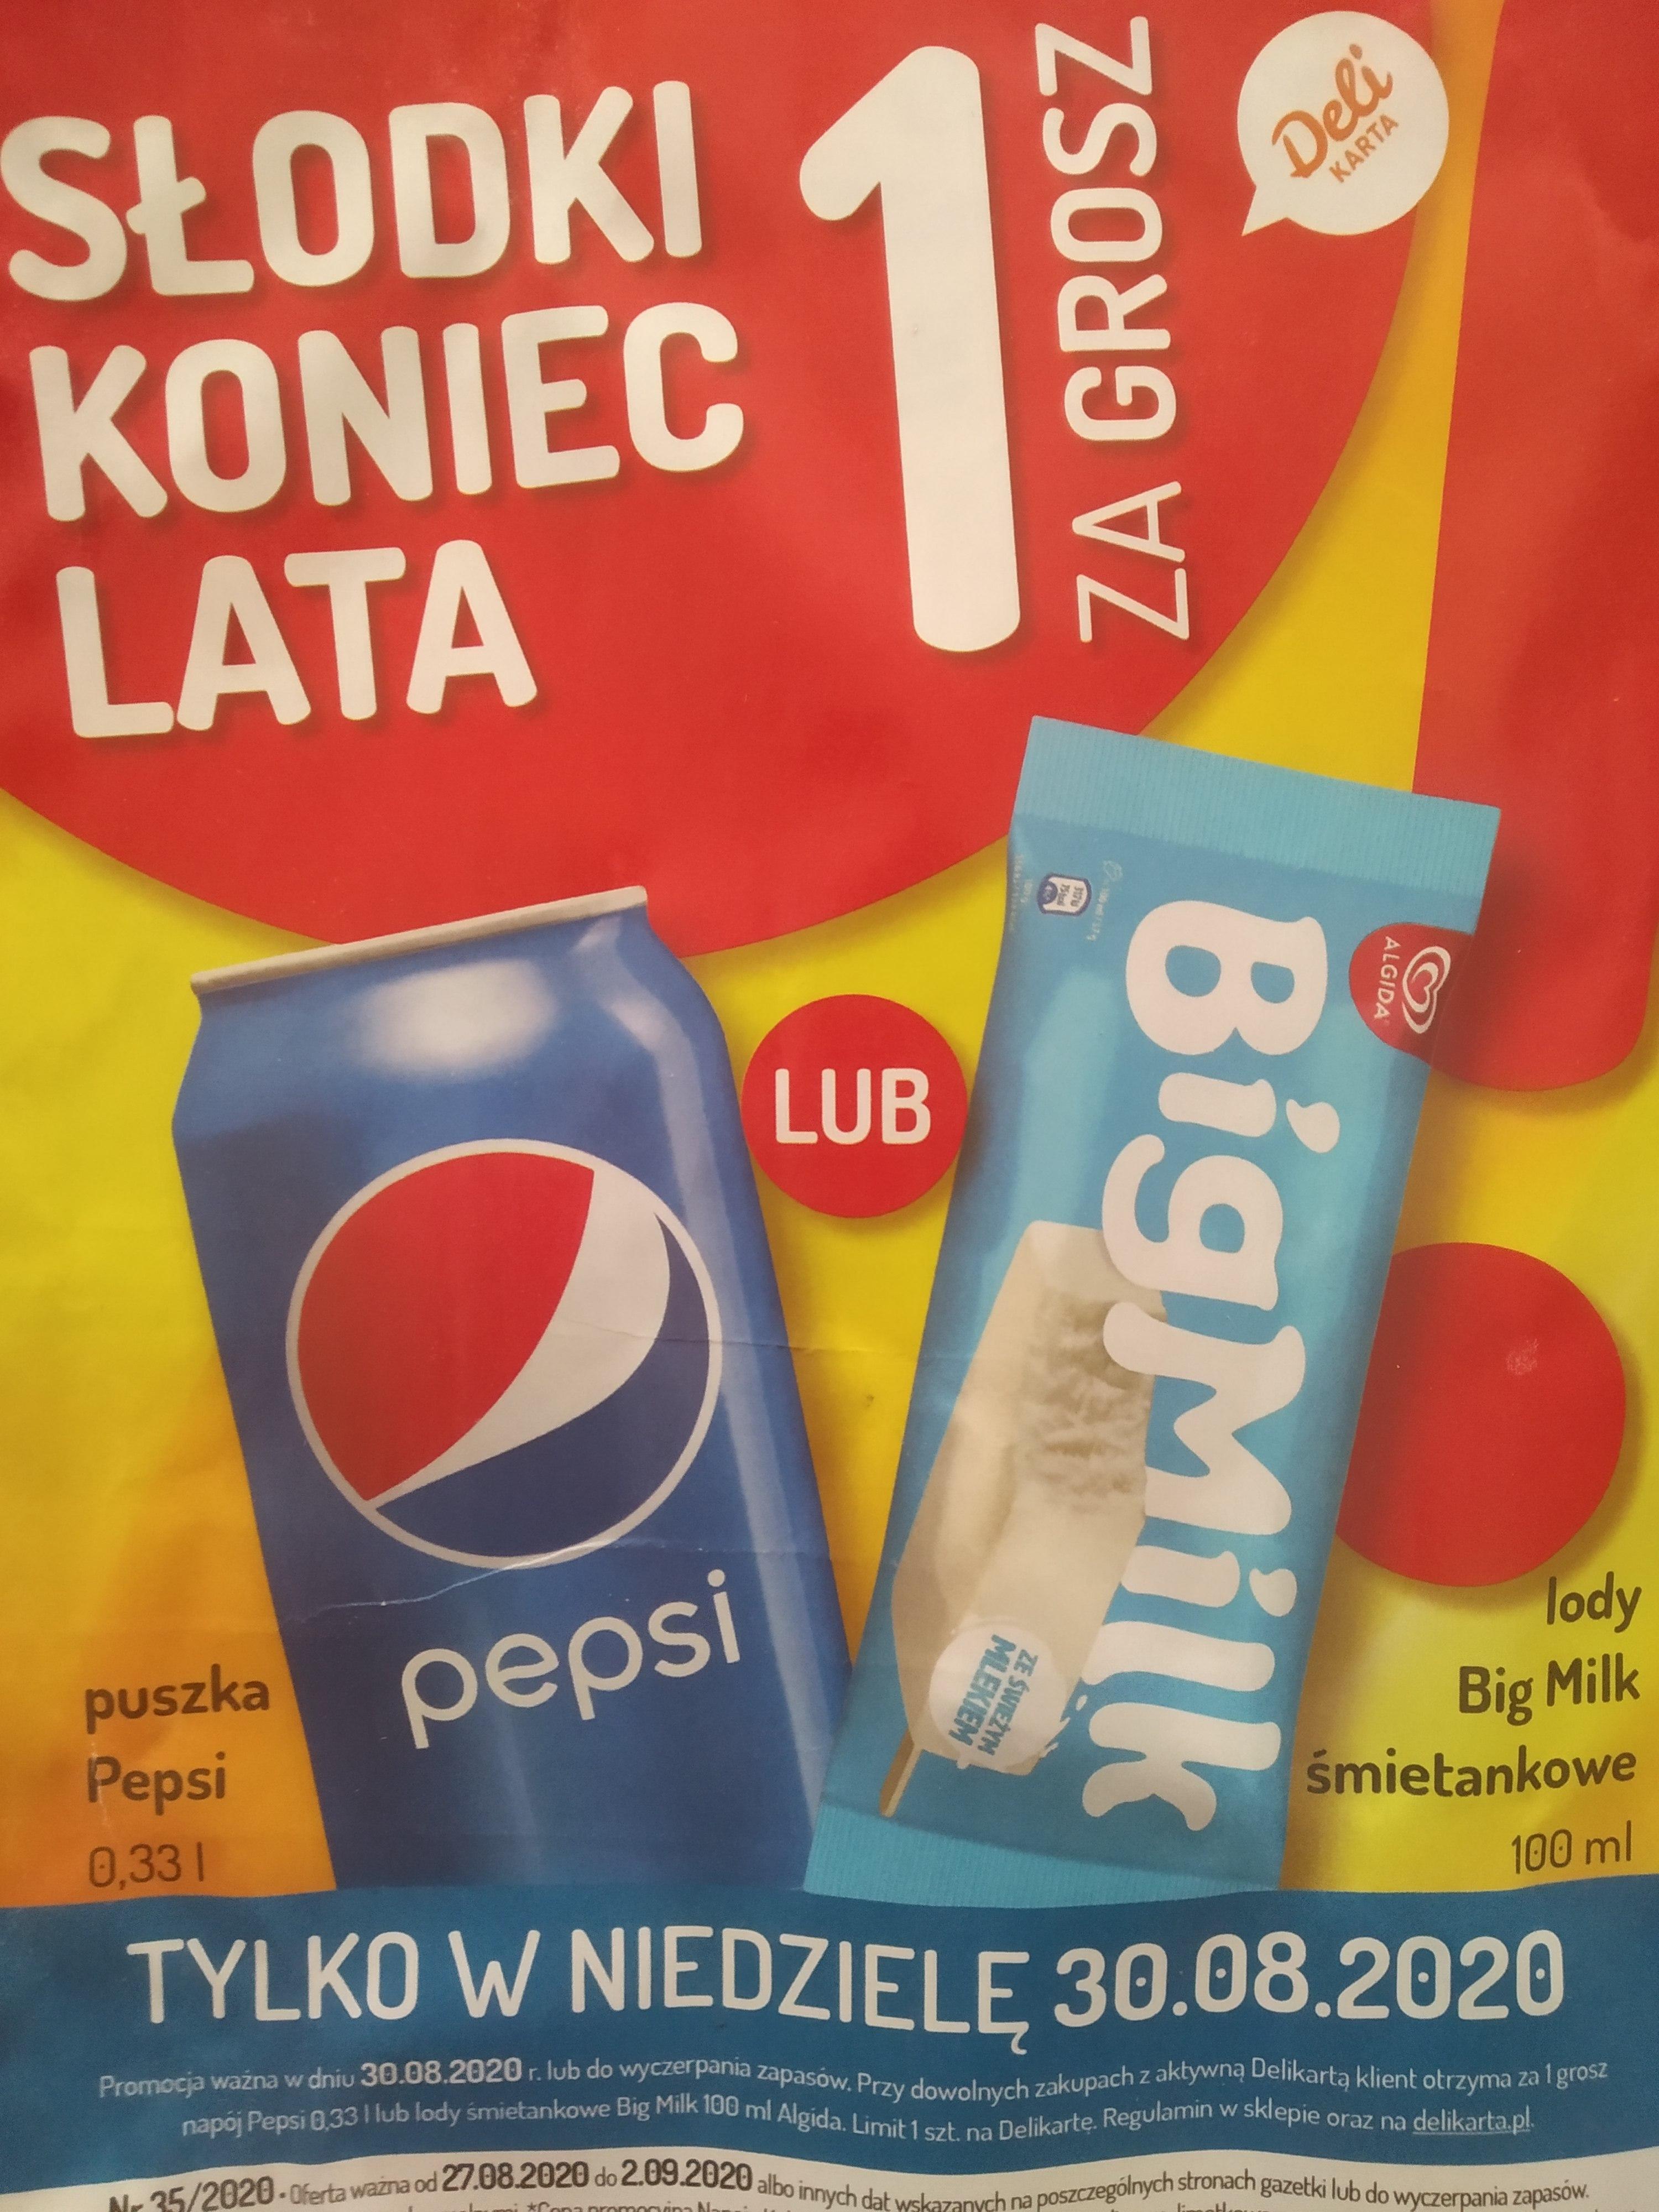 Big Milk 100 ml lub Pepsi 0,33 l za jeden grosz przy dowolnych zakupach z ważna delikarta w sklepach Mila. Tylko 30.08.2020